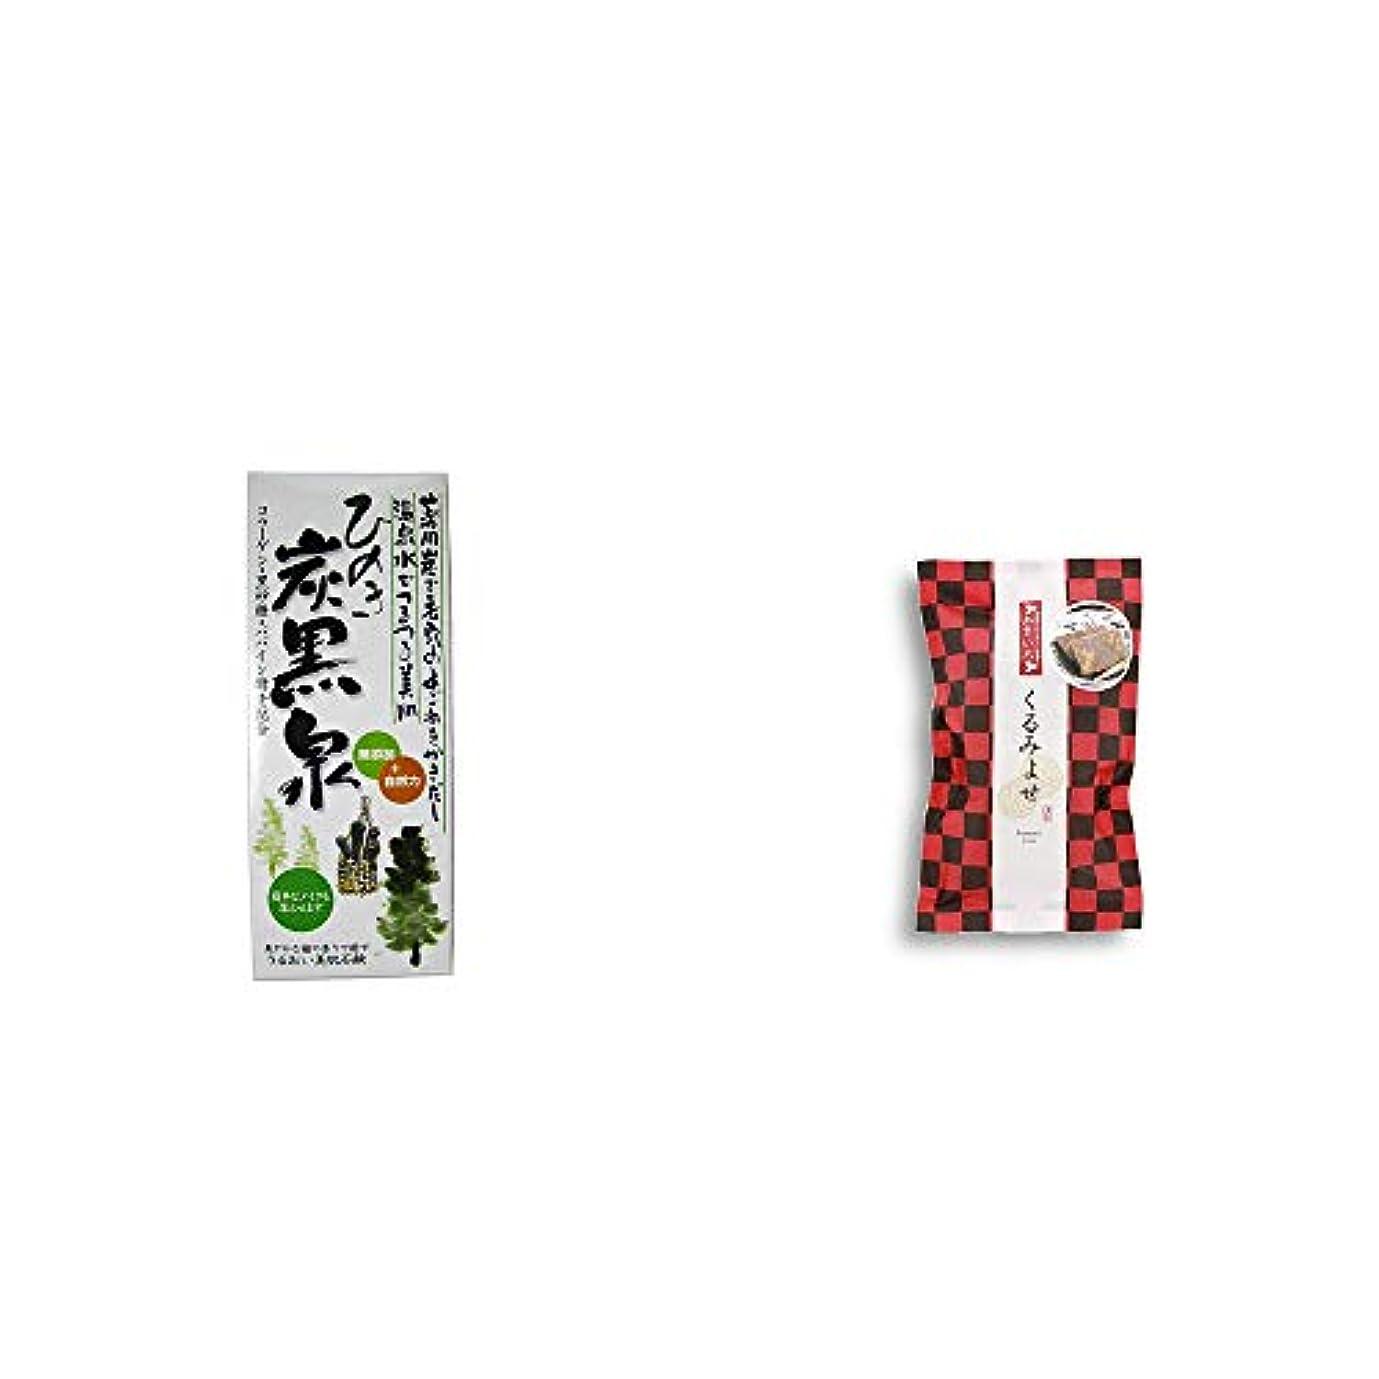 ありふれた小数スイッチ[2点セット] ひのき炭黒泉 箱入り(75g×3)?くるみよせ(こし餡)(5個入)